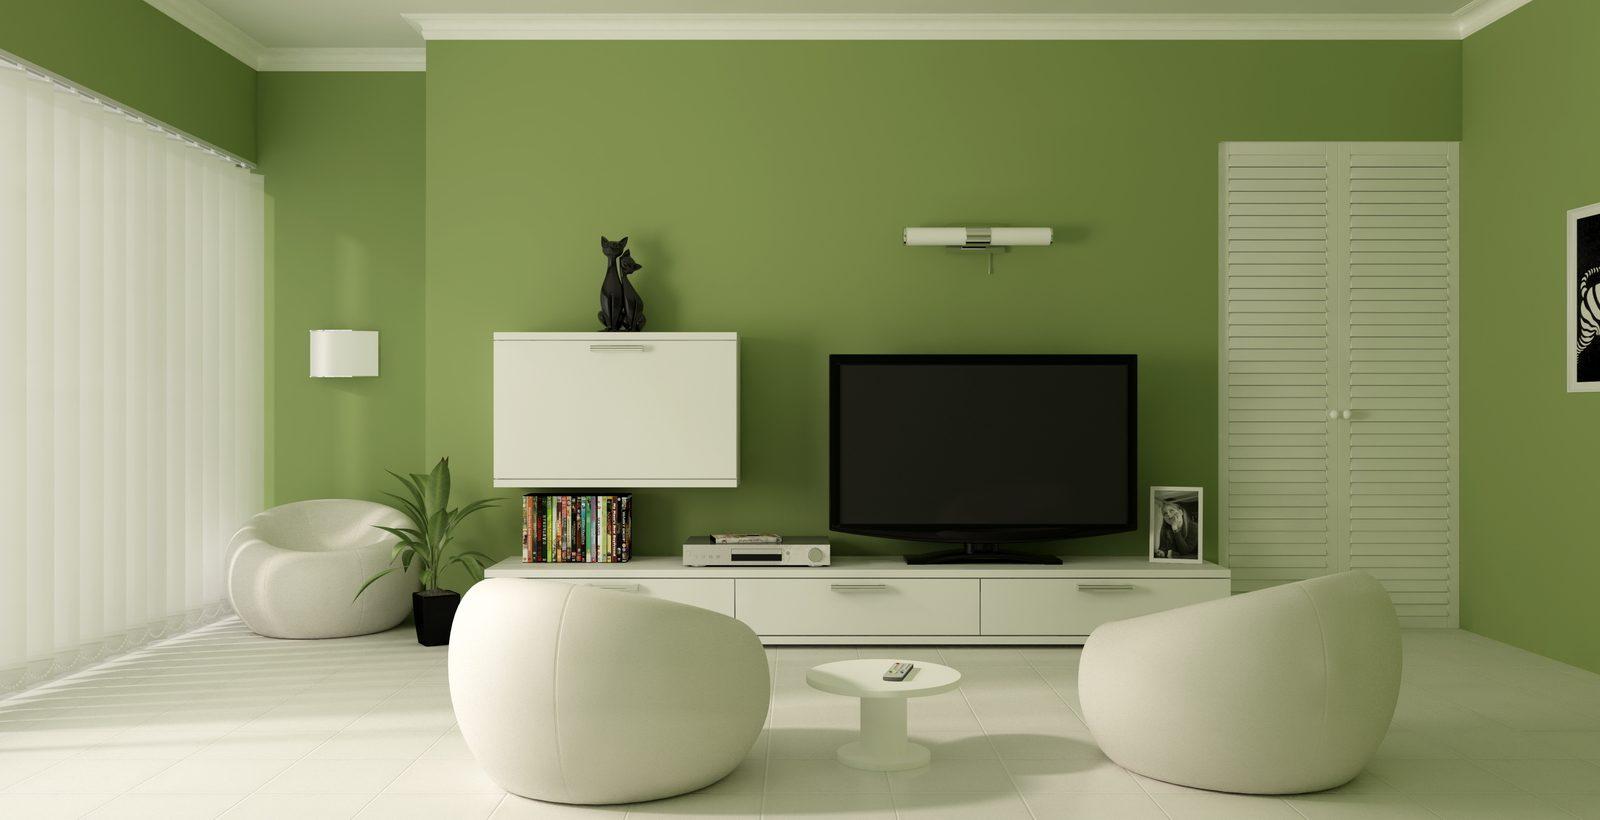 saln de colores verdes